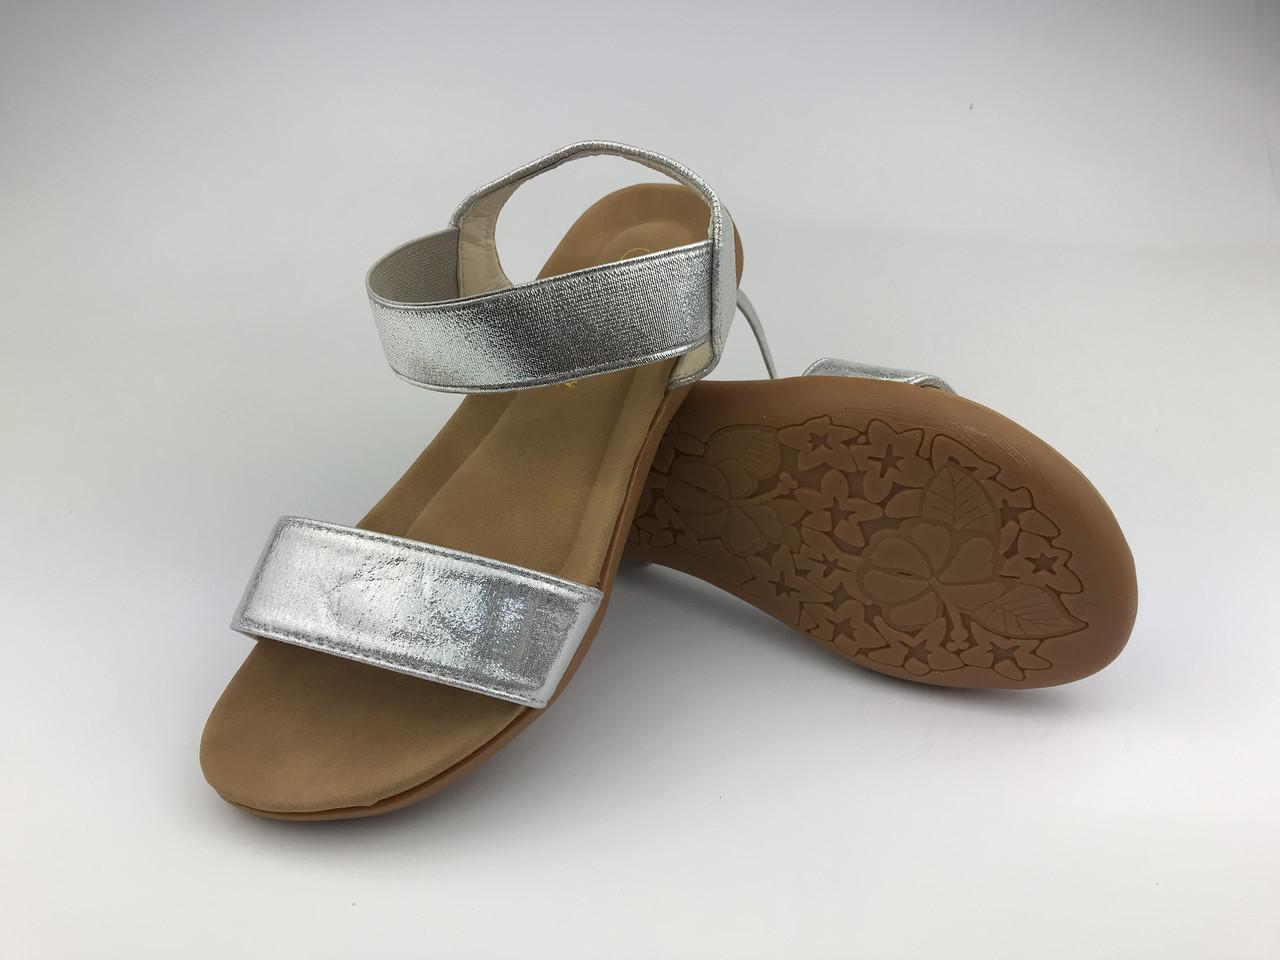 Босоніжки підліткові дівчачі серебристі Silver Meridiana р.31-35